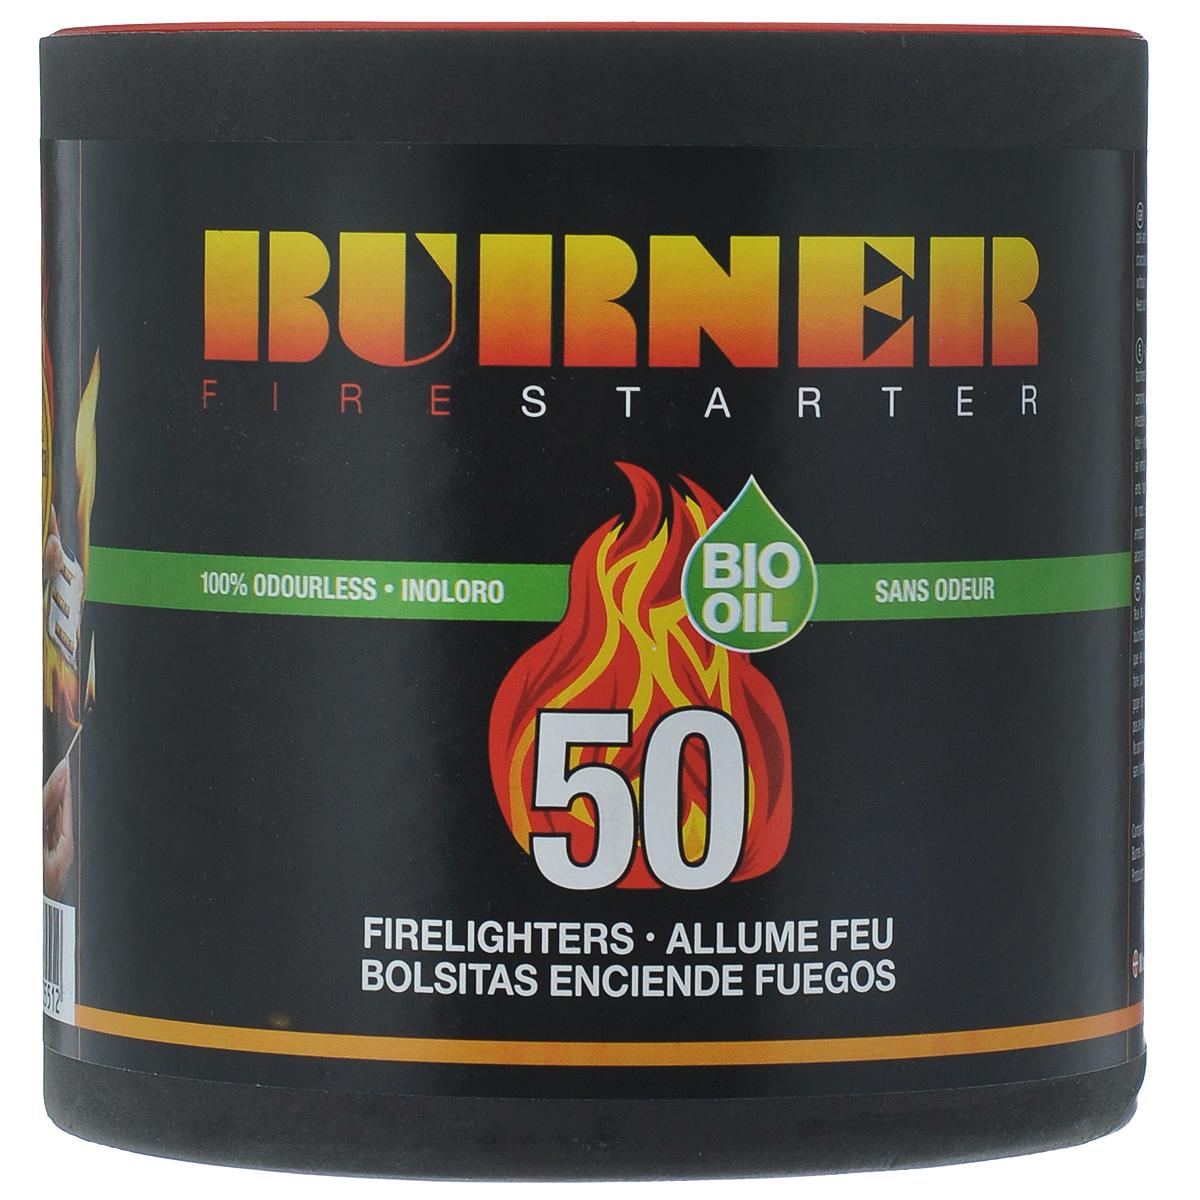 Средство для розжига Burner, в бочонке, 50 пакетов23050Розжиг Burner экологически безопасен, удобен в хранении и перевозке - никакой грязи и запахов. Идеальное средство для розжига мангалов, каминов, печей и костров. Кроме того, розжиг Burner не боится сырости и поэтому идеален в походе, на рыбалке, охоте, и в других достаточно экстремальных условиях, когда необходимо разжечь костер для обогрева или приготовления пищи.В комплект входит 50 пакетиков для розжига.Состав: высококачественные N-парафины, растительные масла.